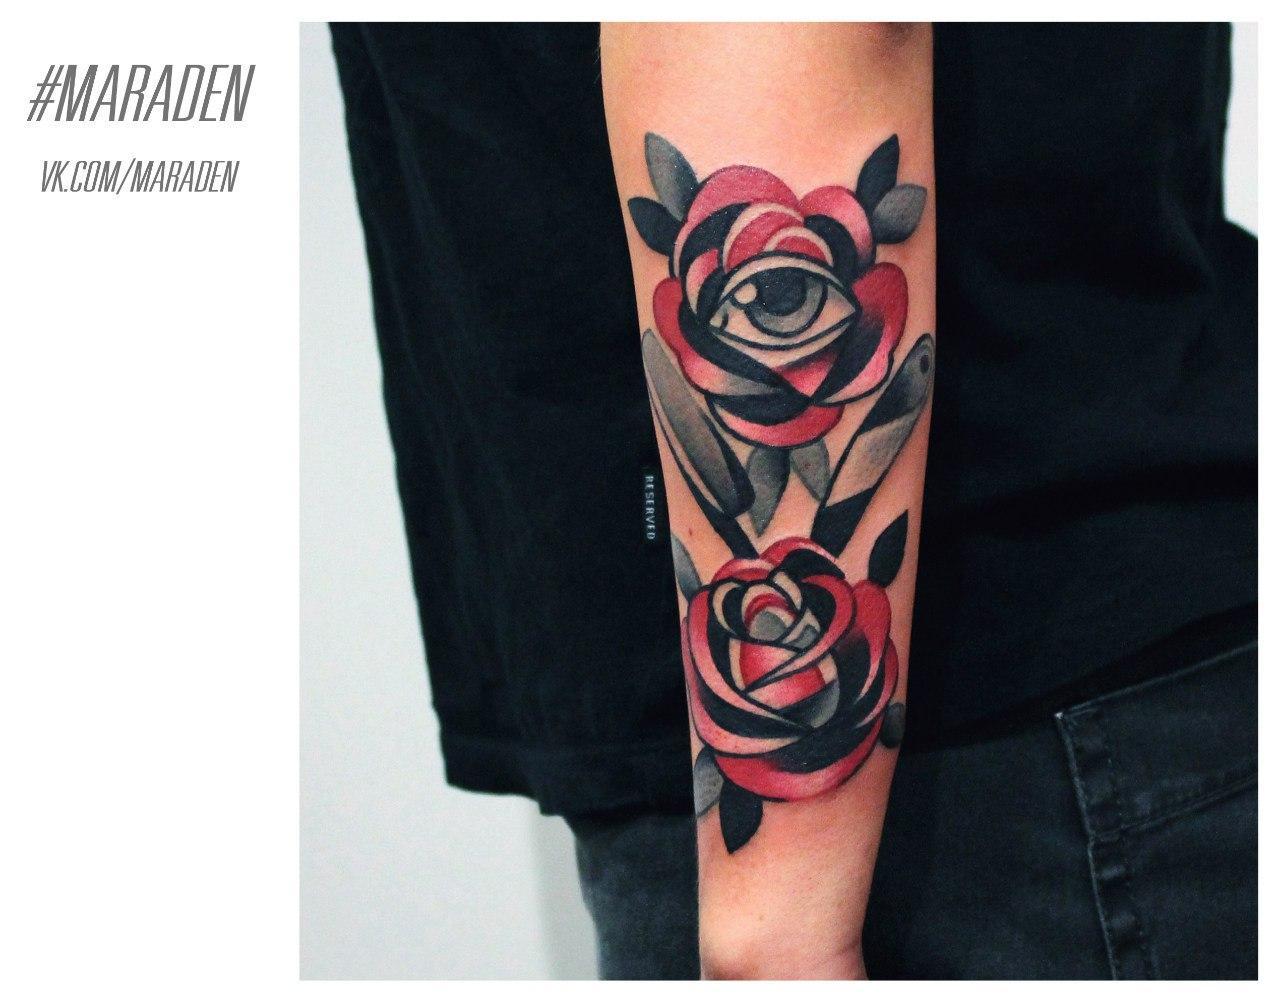 Художественная татуировка «Розы». Мастер — Денис Марахин